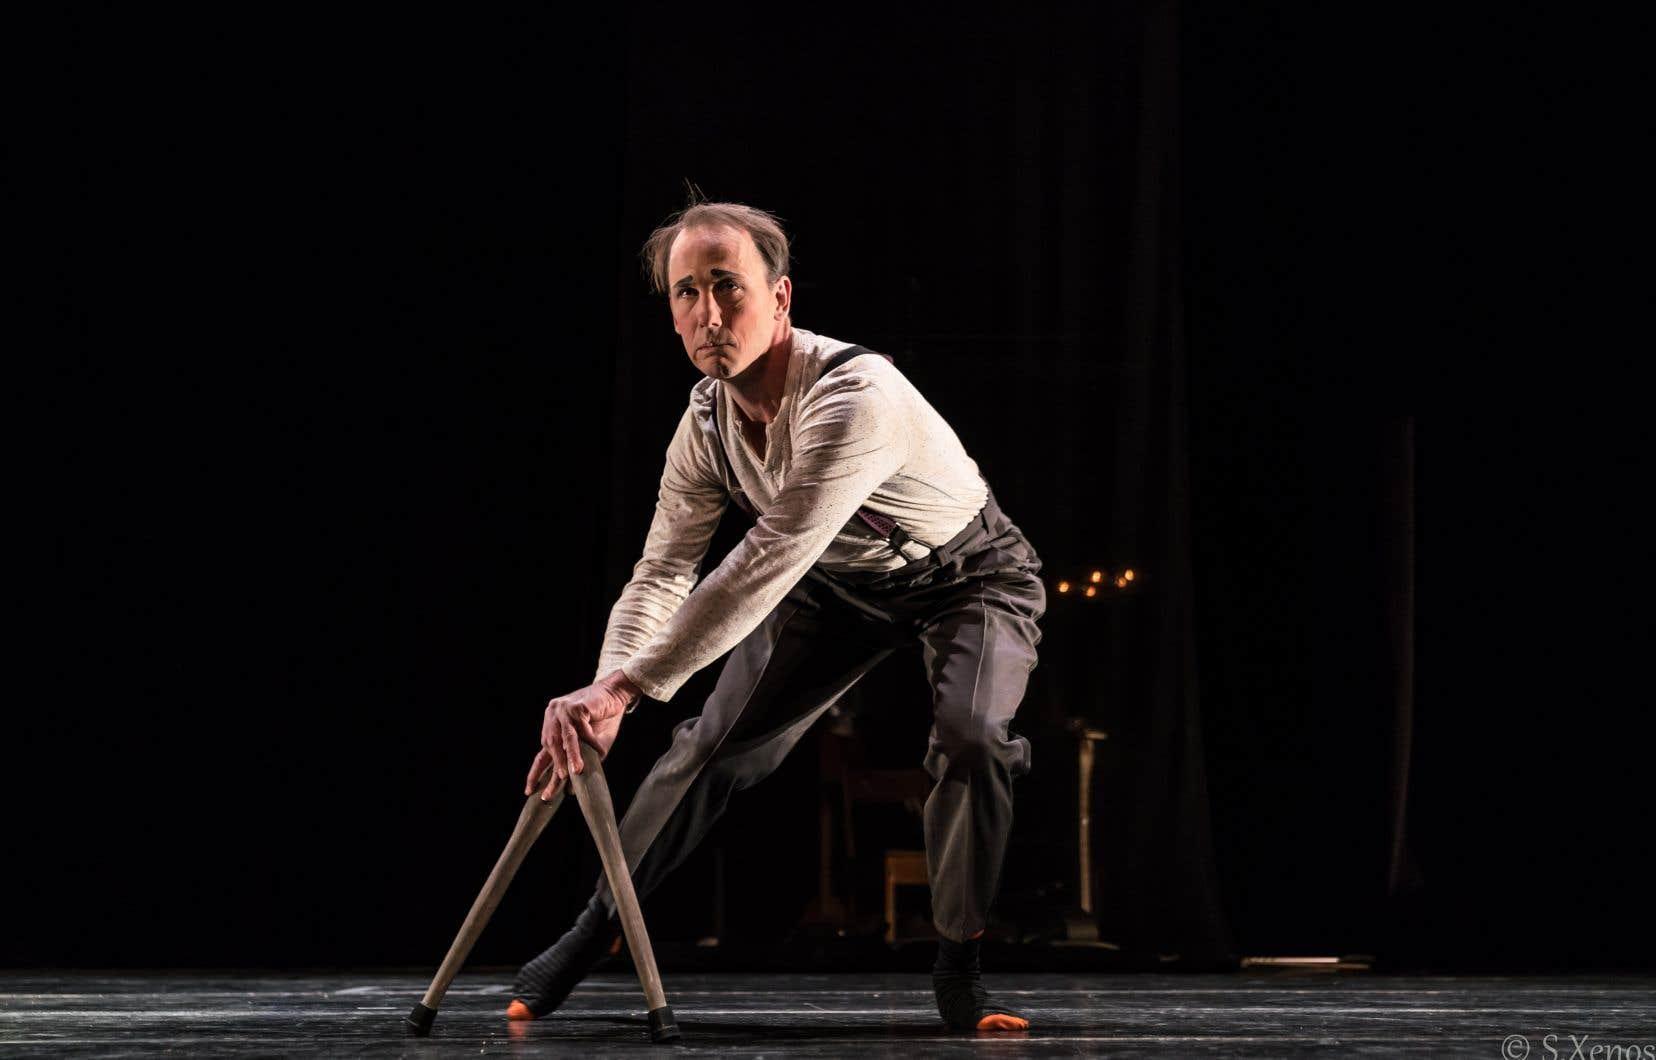 Adkins apparaît en complet pour jongler avec des balles, enfiler une série de caleçons en un seul saut, traverser la scène au sommet d'une échelle, accompagné par les percussions et les bruits fabriqués par sa complice.